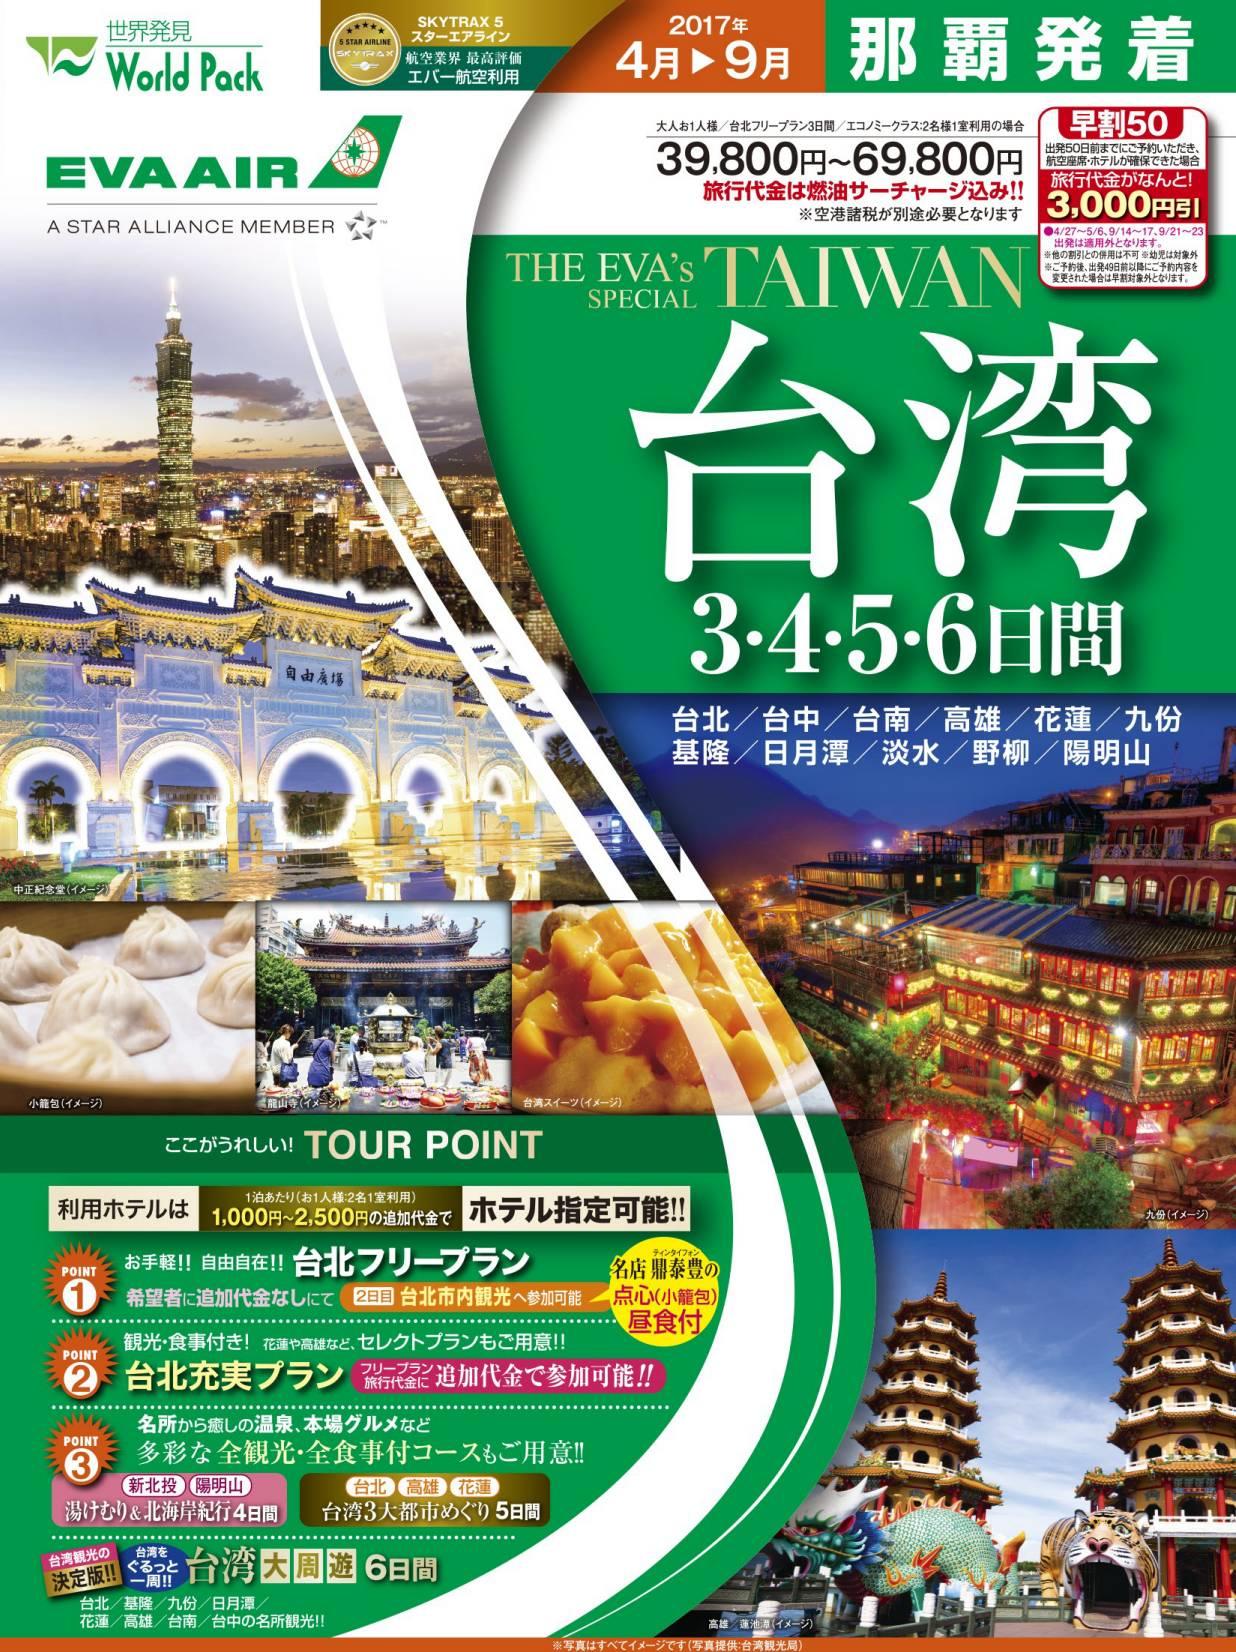 エバースペシャル台湾 3・4・5・6日間 17年4月~17年9月|那覇発 台湾ツアー